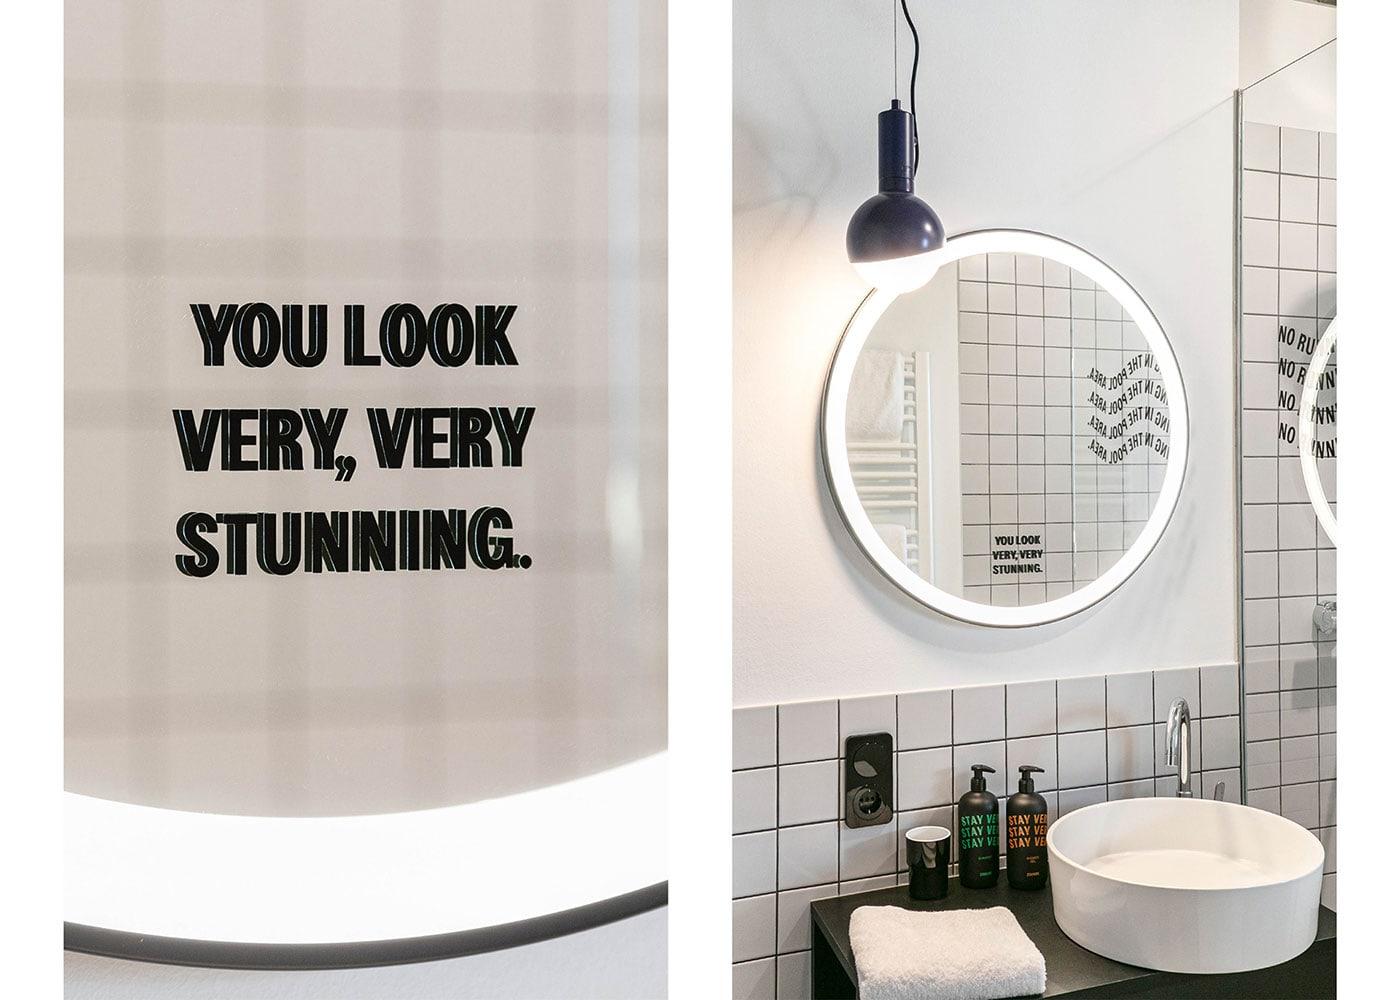 长租公寓STAYERY品牌视觉设计